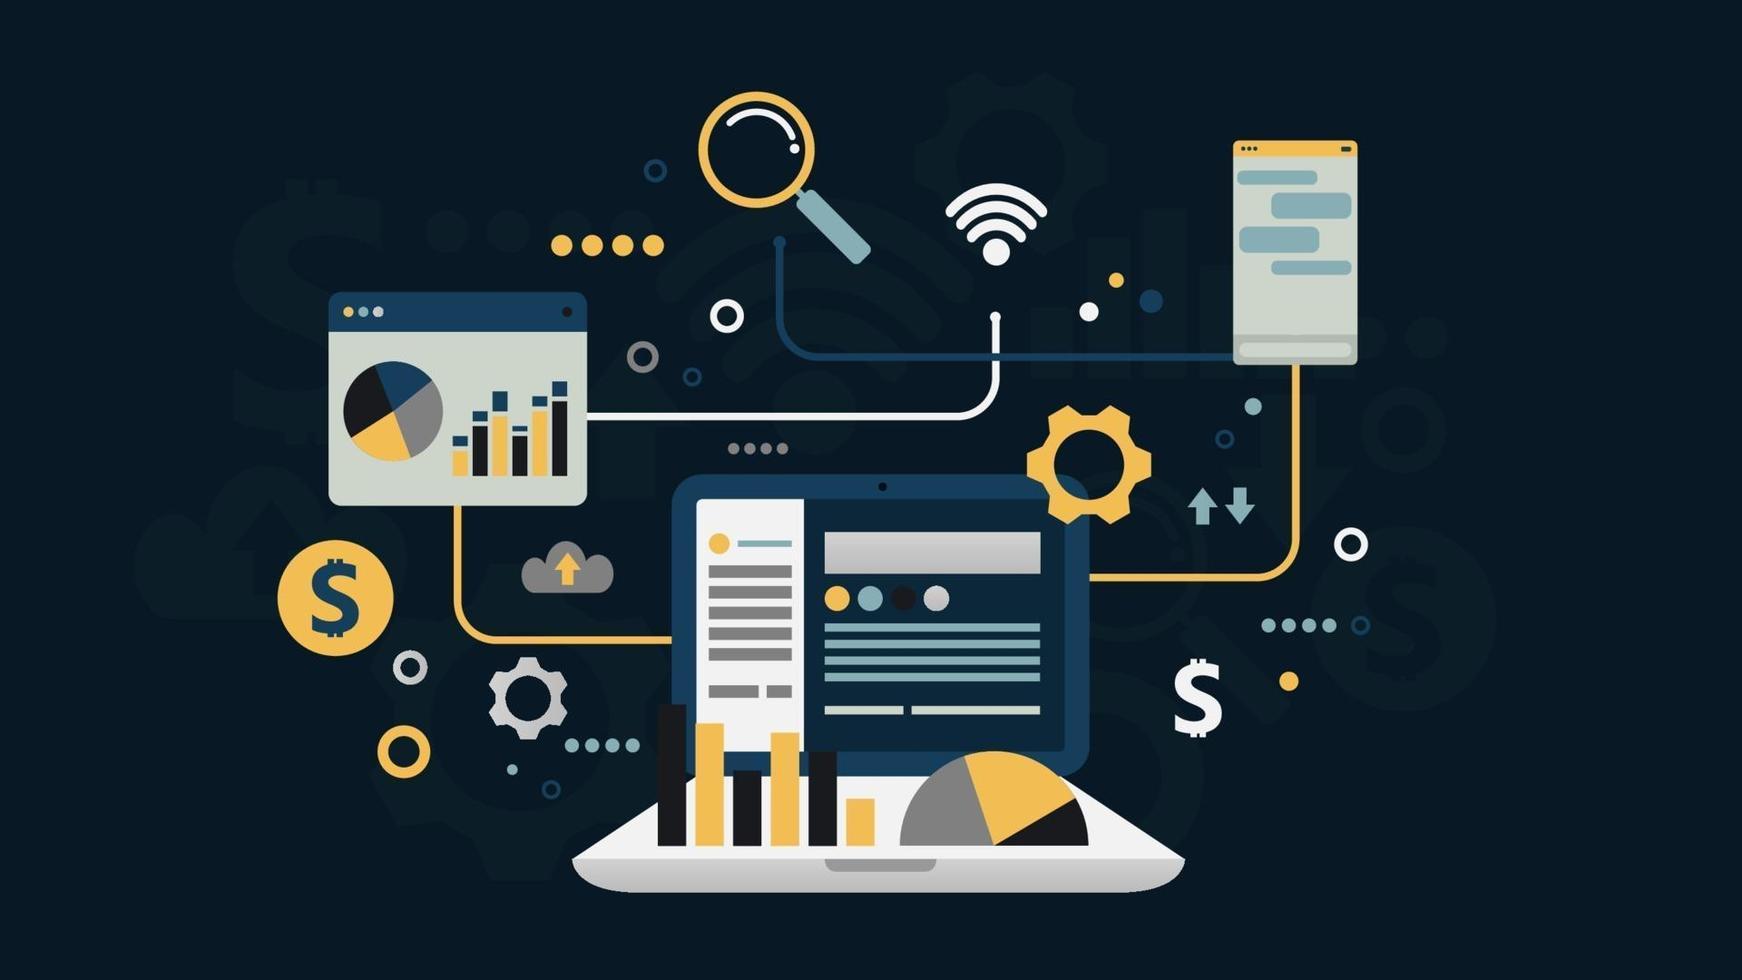 analyse financière du réseau social d'entreprise en ligne et recherche design plat, éléments d'infographie, illustration vectorielle vecteur